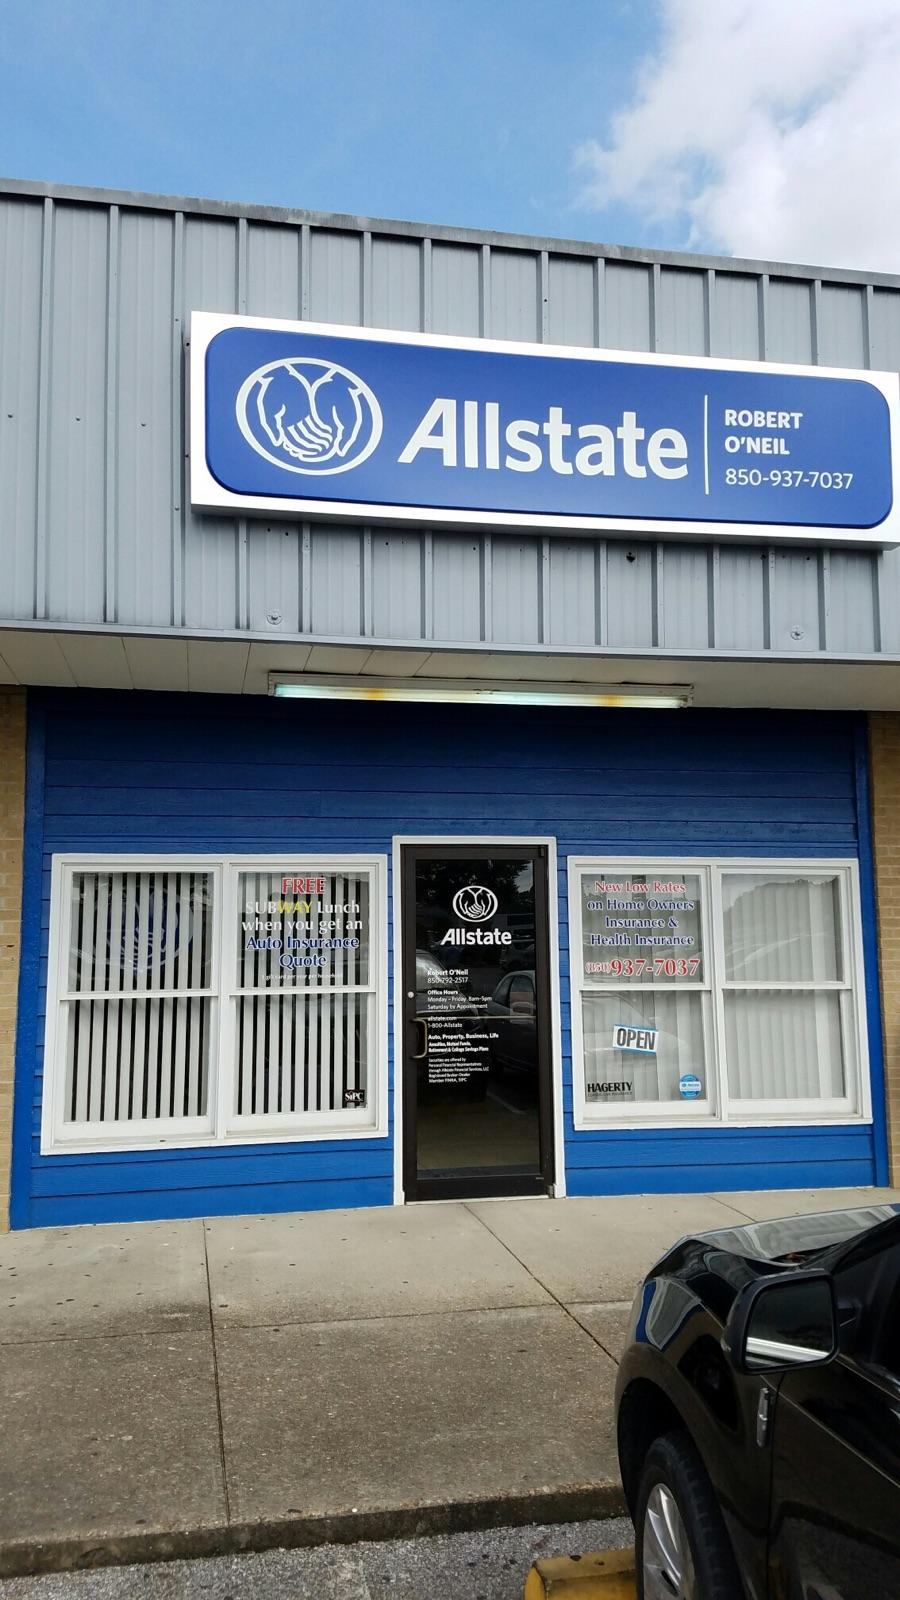 Robert O Neil: Allstate Insurance image 1